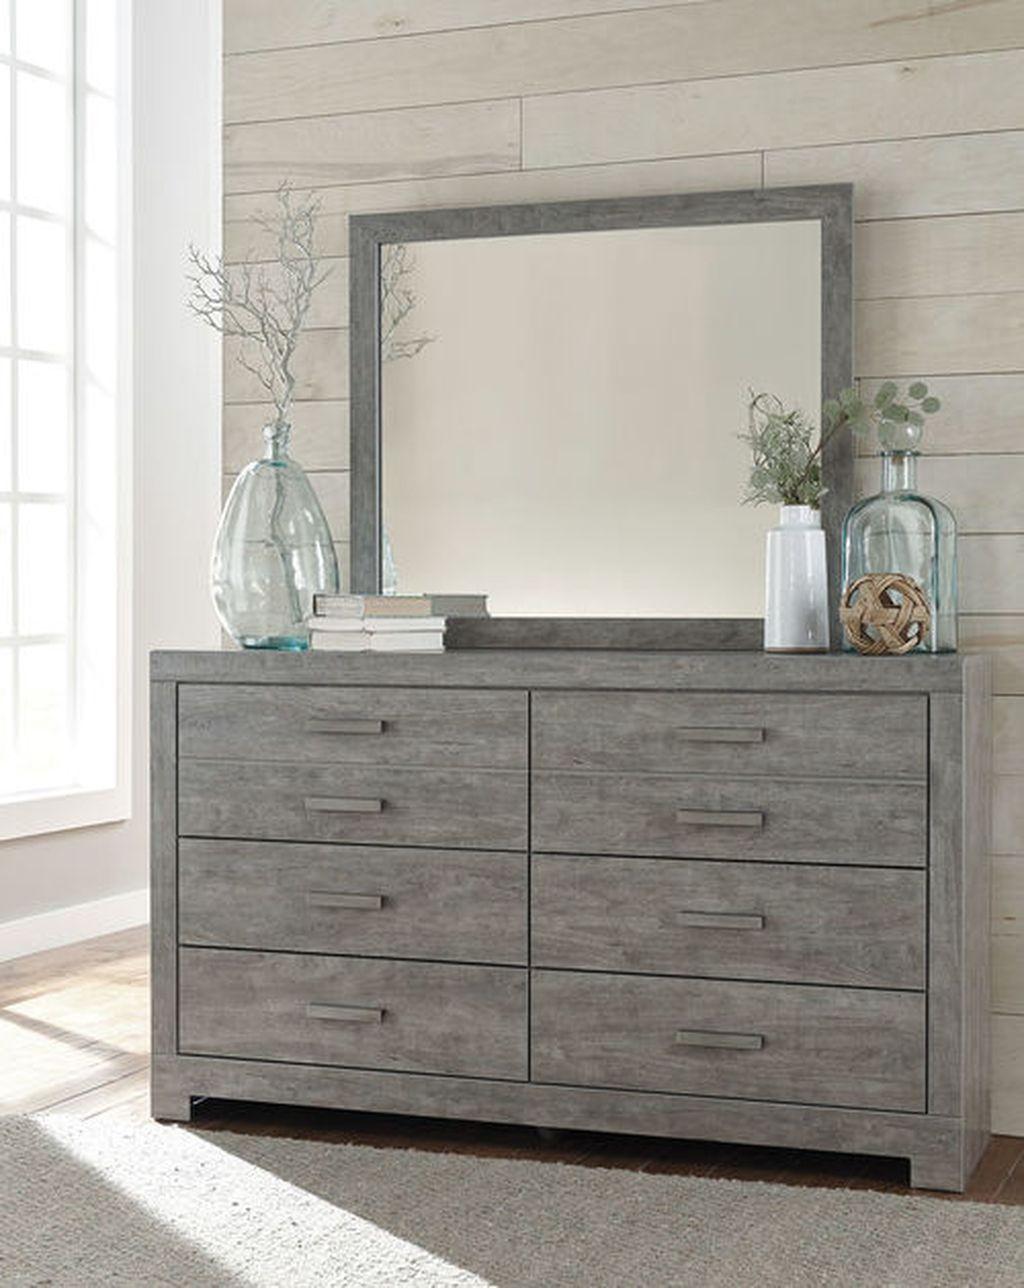 50 Beautiful Bedroom Mirror Ideas Can Improve Your Bedroom ...